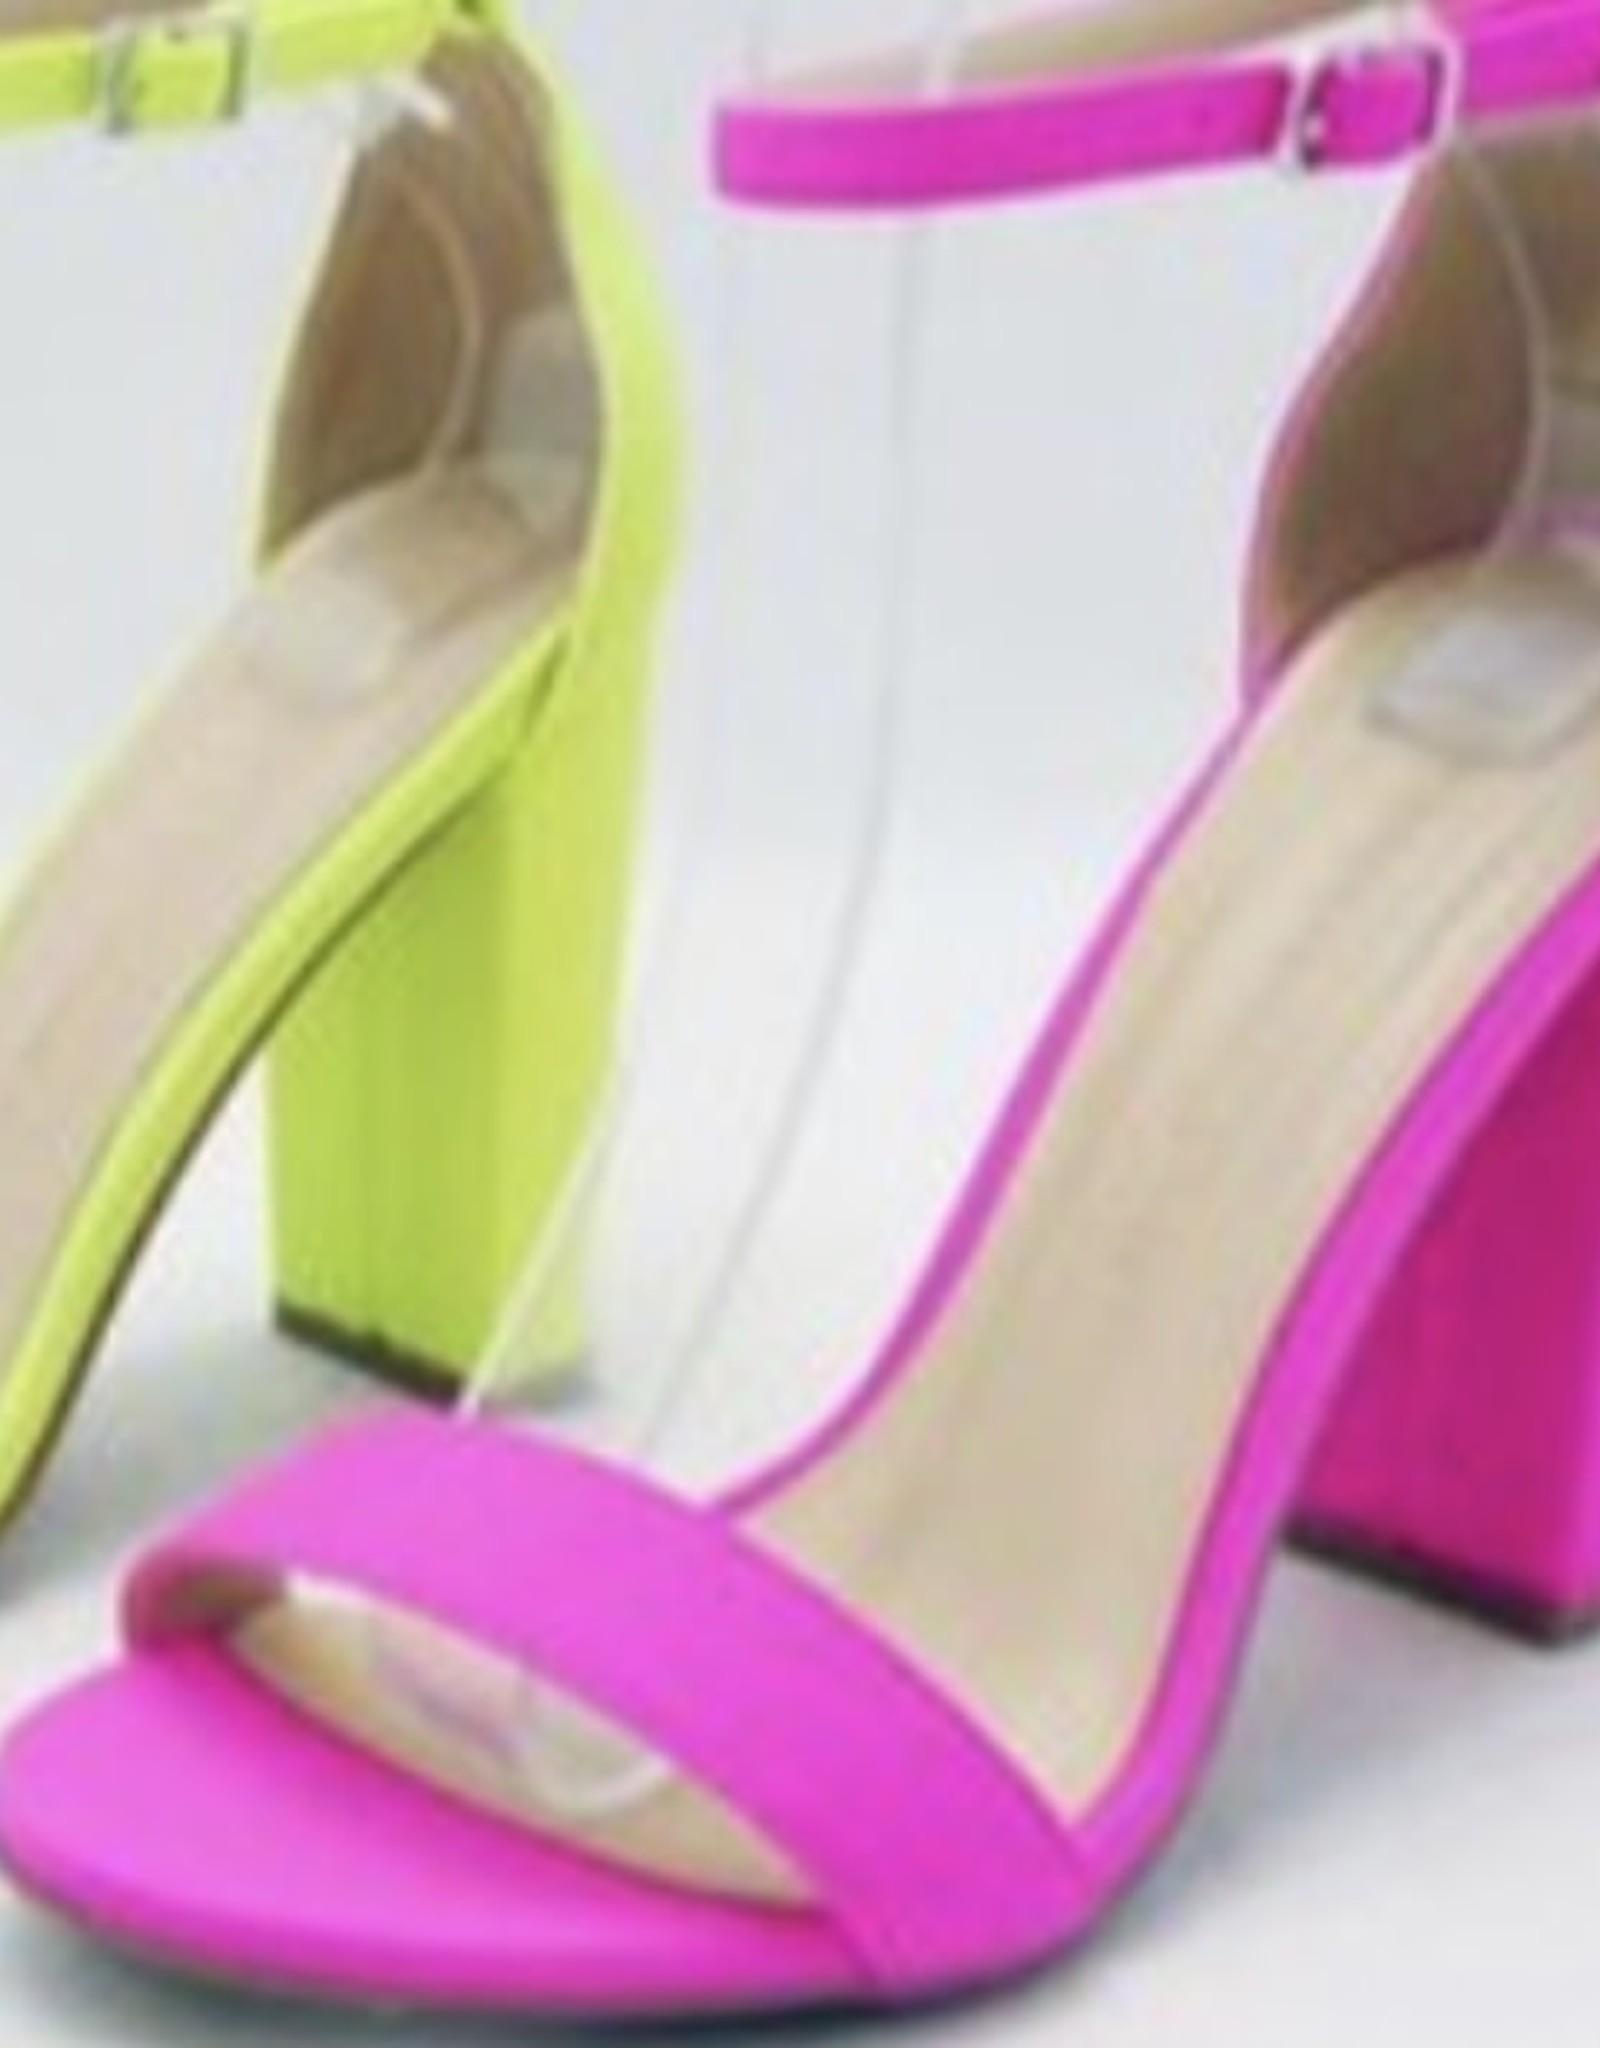 Neon of  Your Business Pink Heel